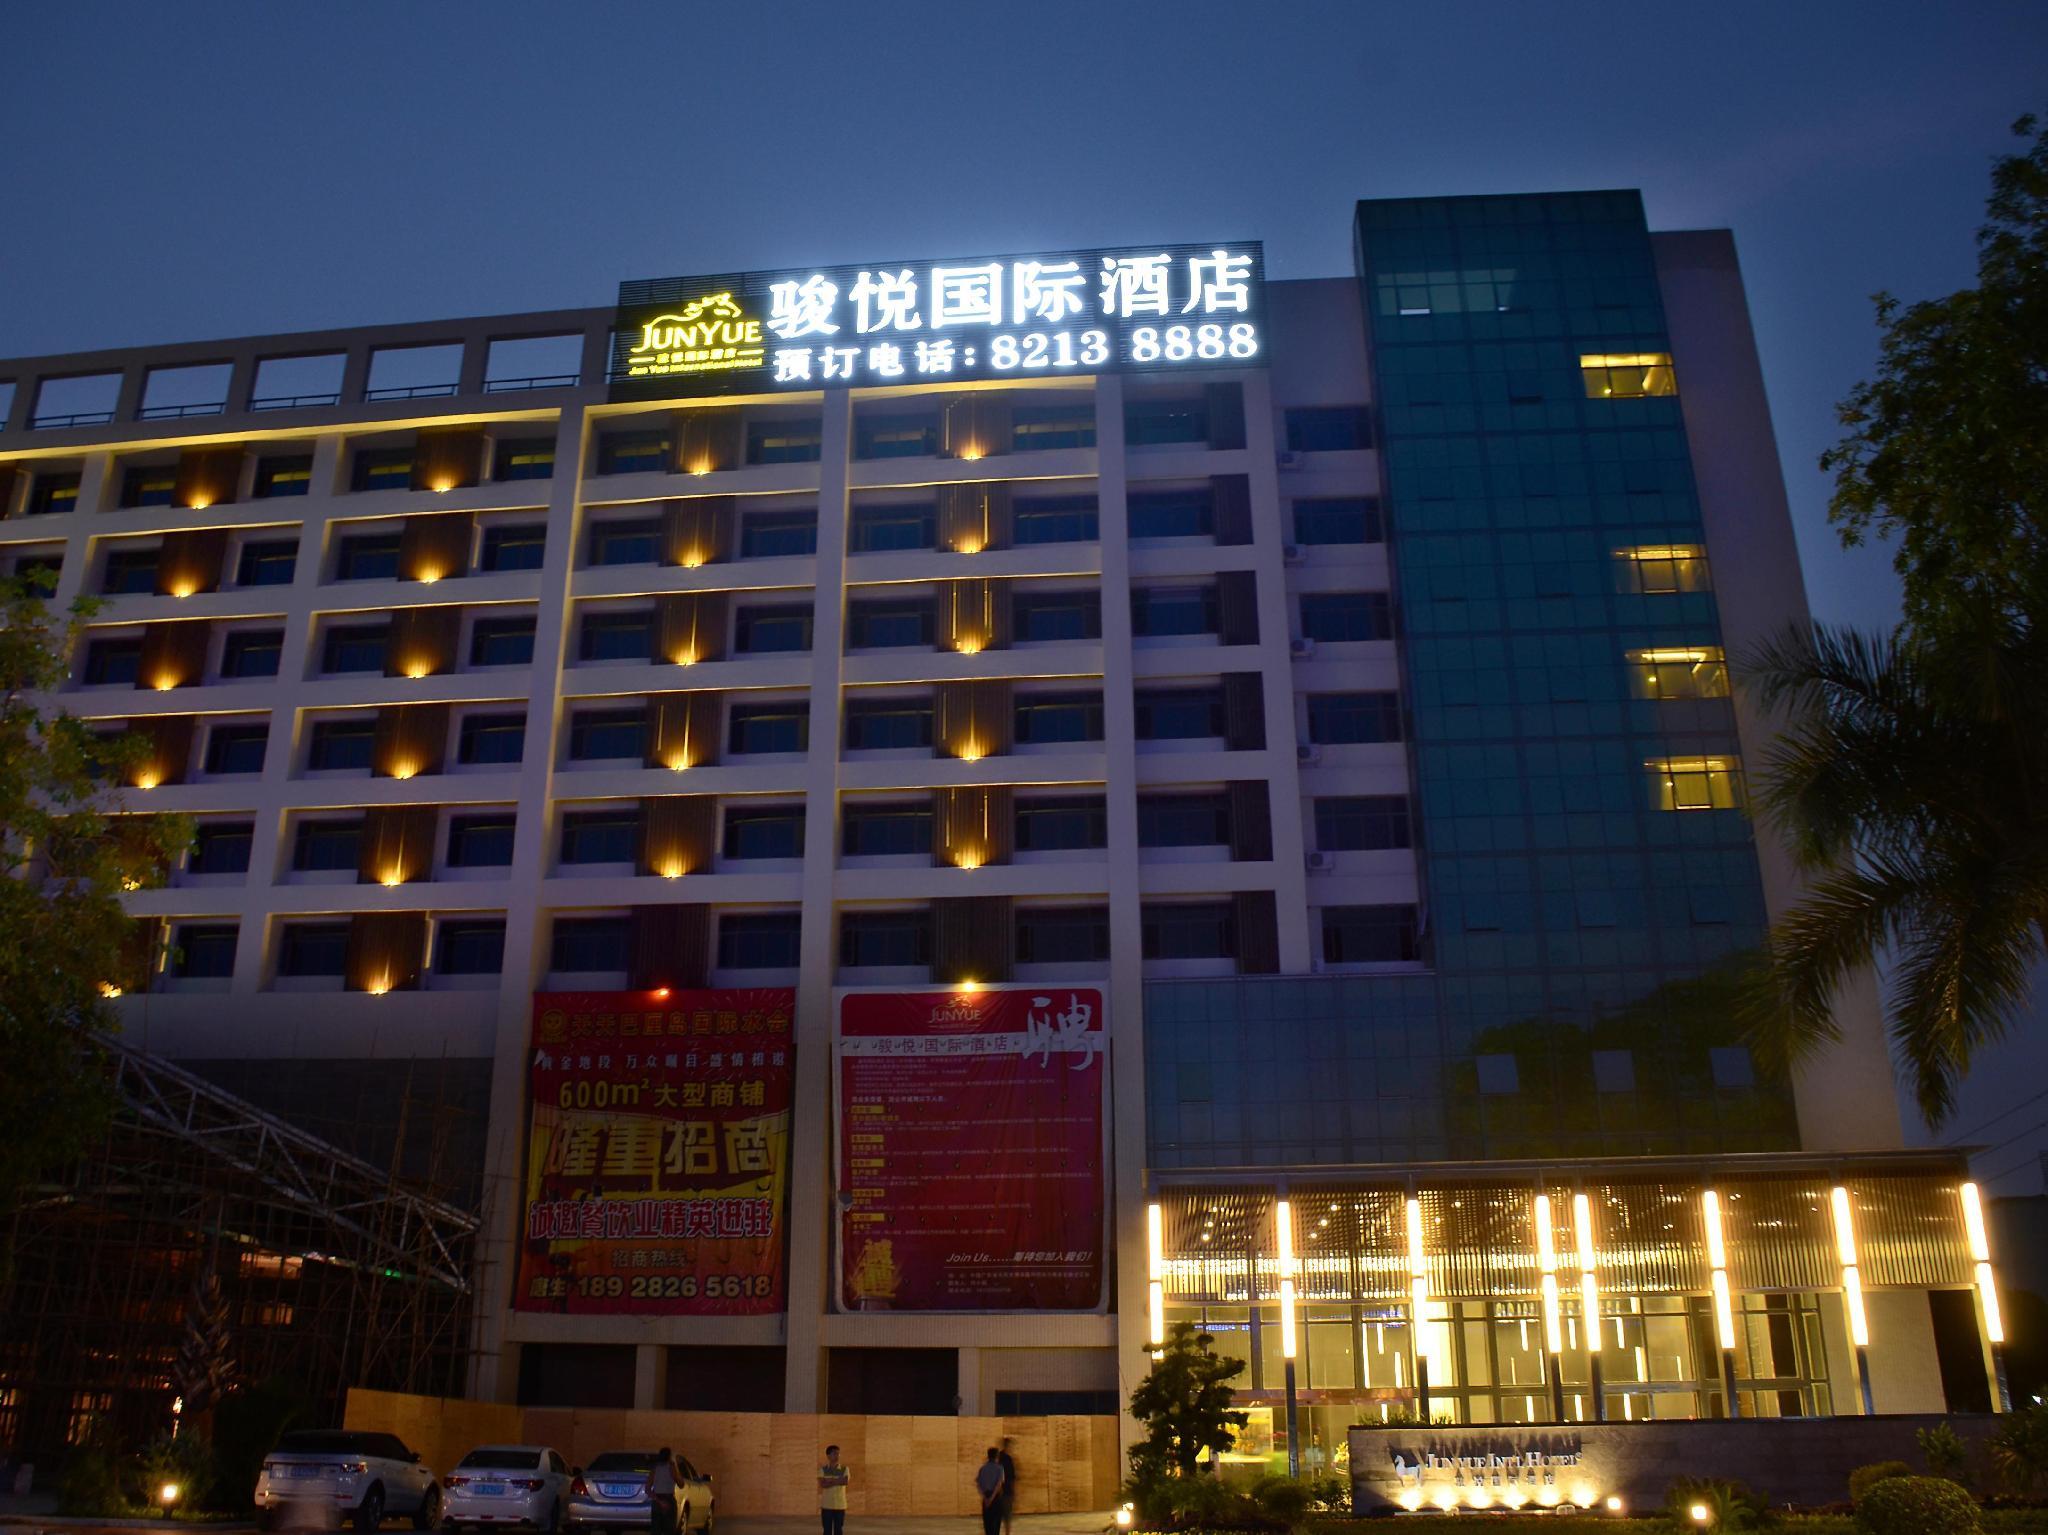 Dongguan Junyue Internation Hotel - Dongguan